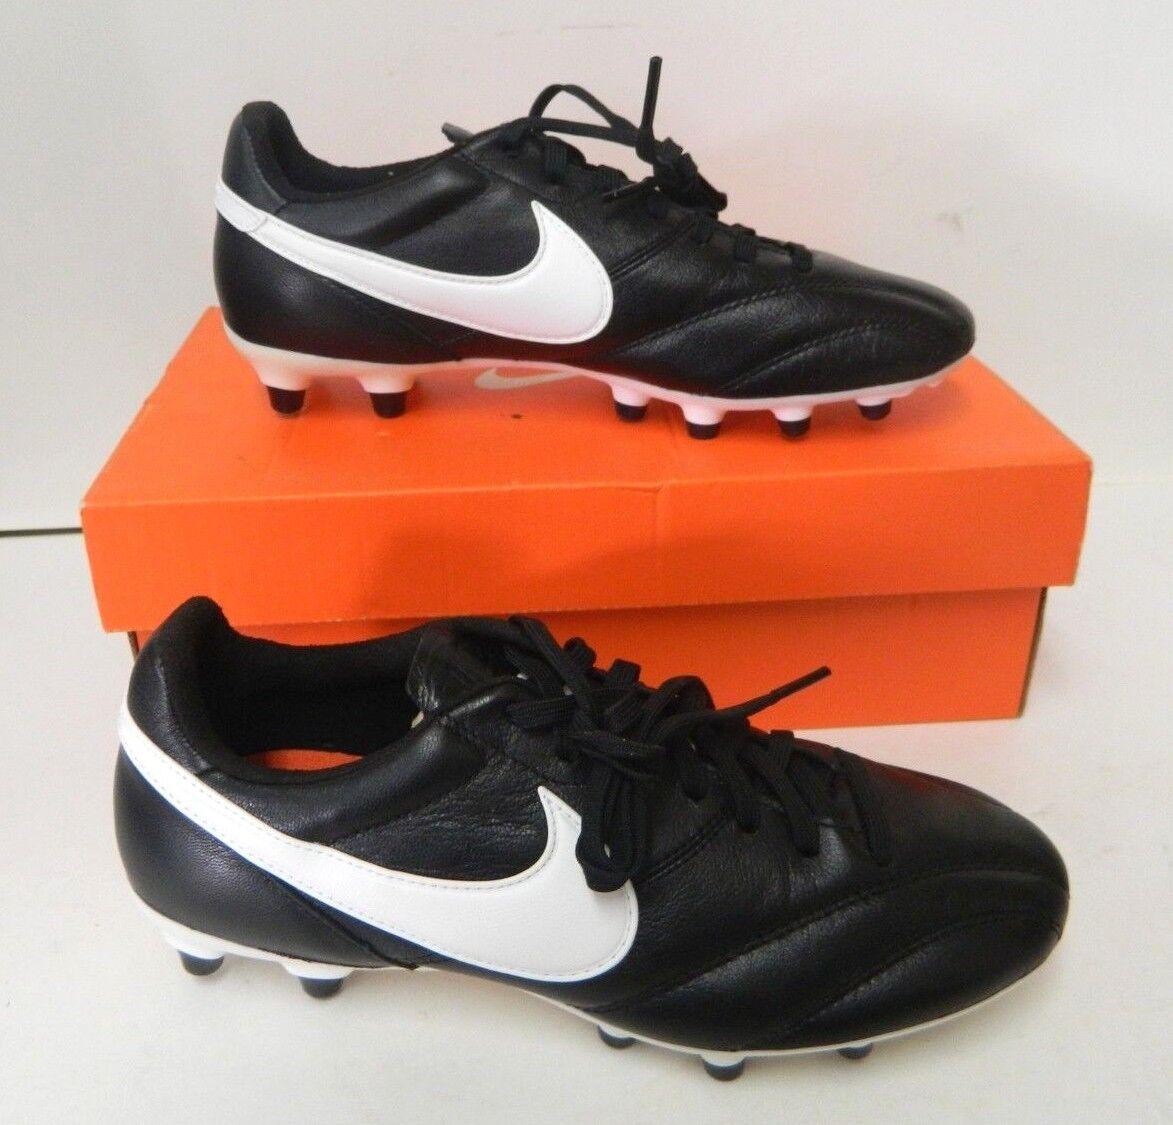 NEW Nike Premier FG Men's Size 5 Soccer Cleats Black   White